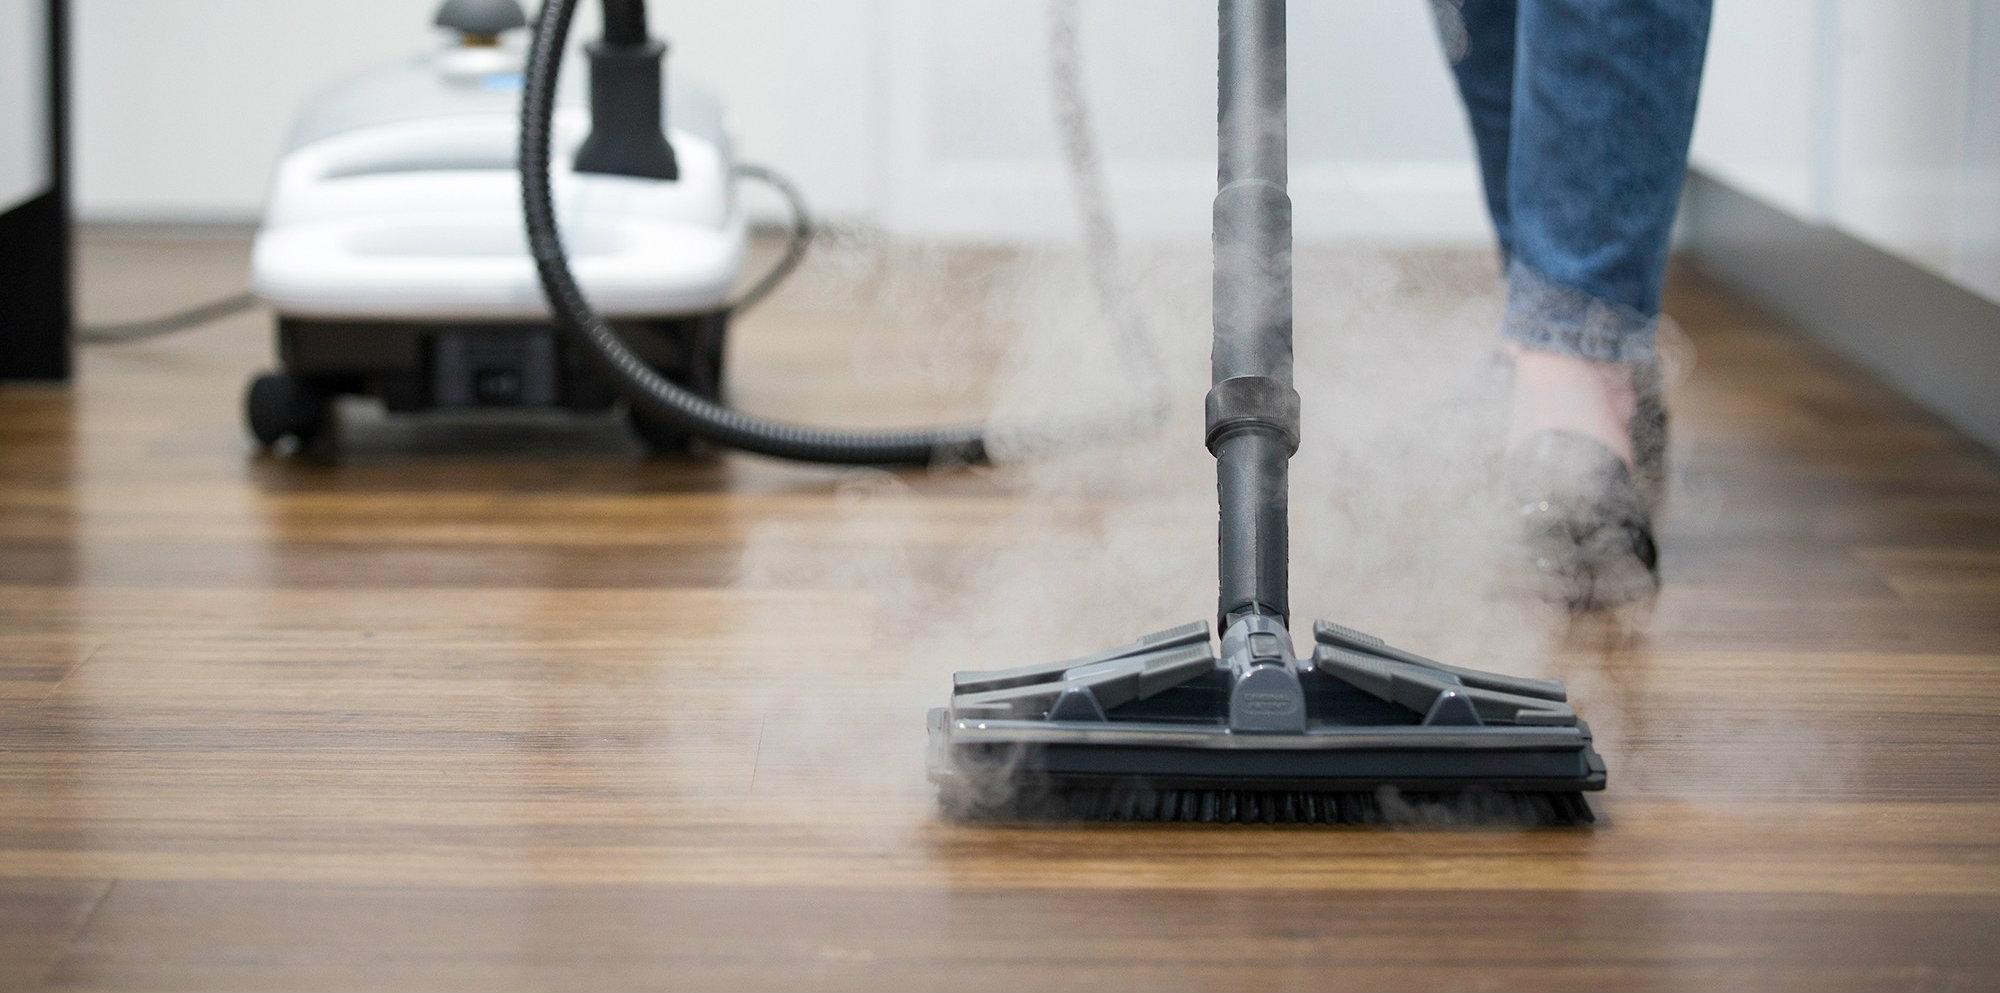 Можно ли пол из ламината пароочистителем чистить